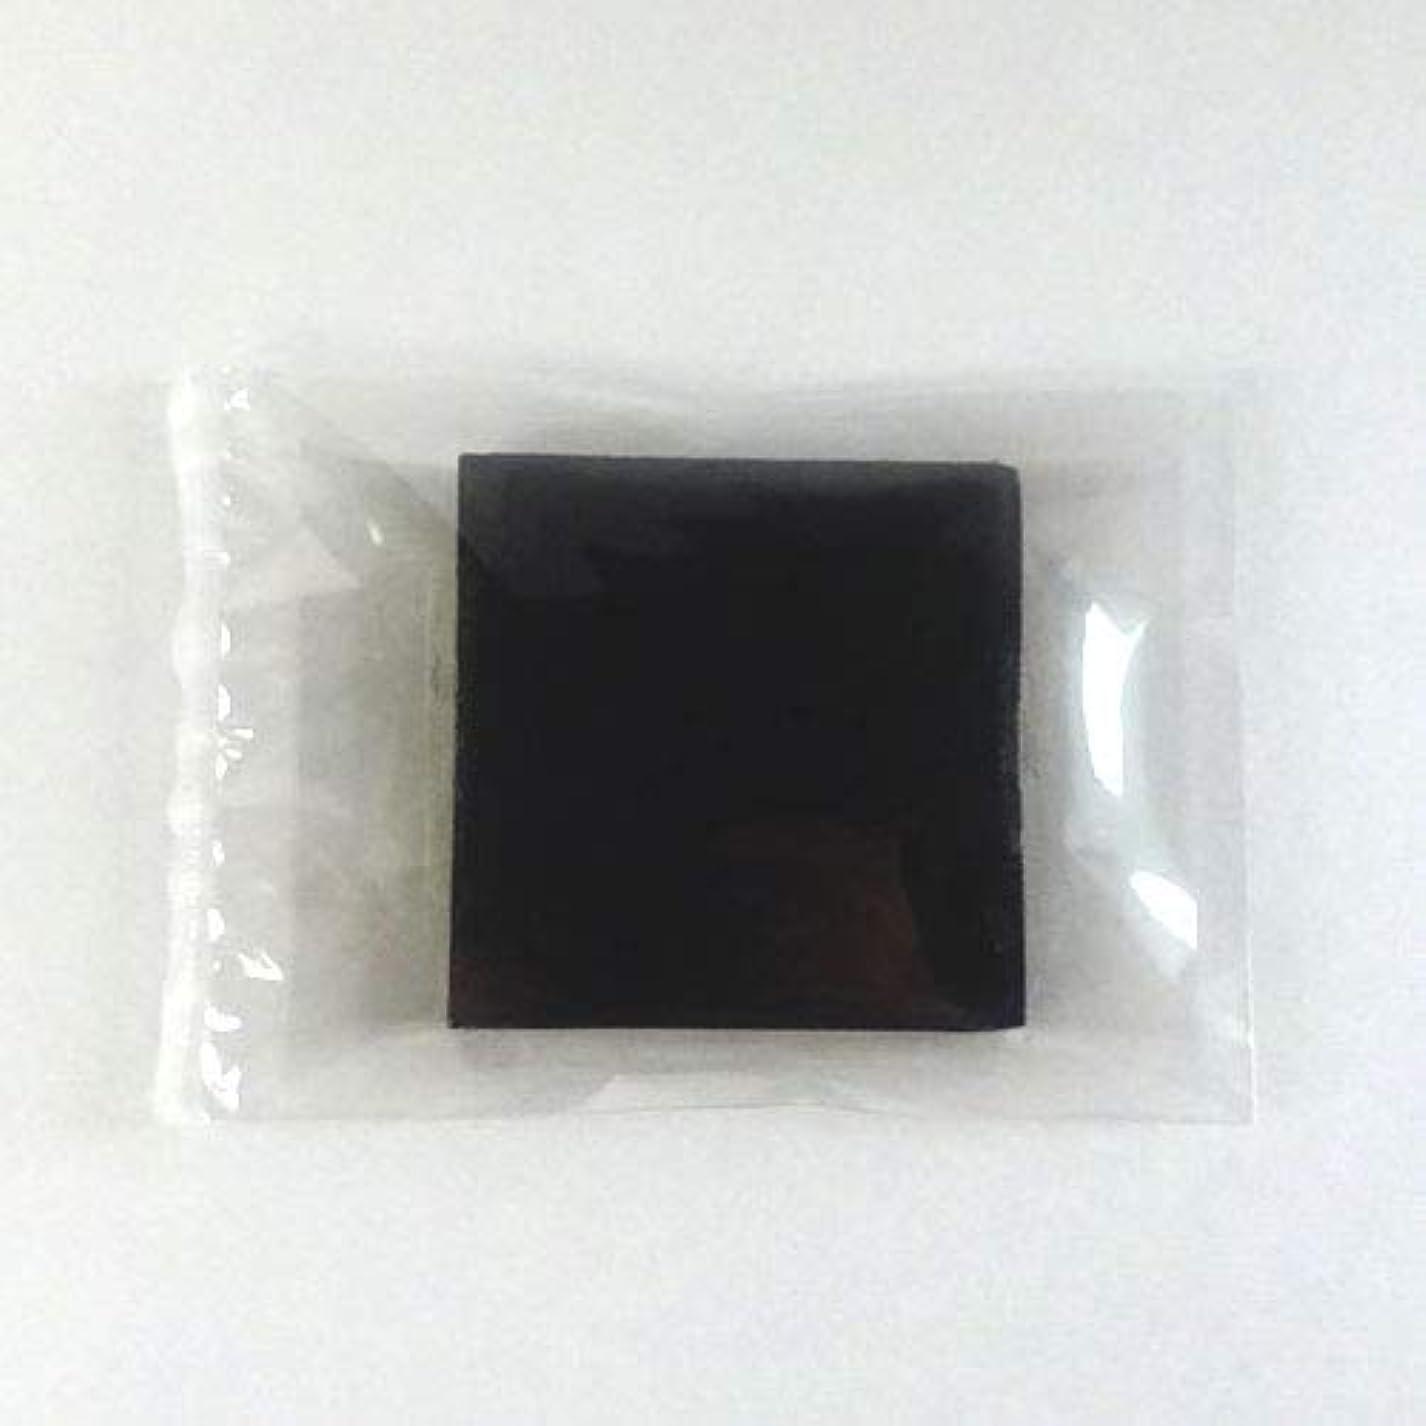 賞認識サンダースグリセリンソープ MPソープ 色チップ 黒(ブラック) 30g